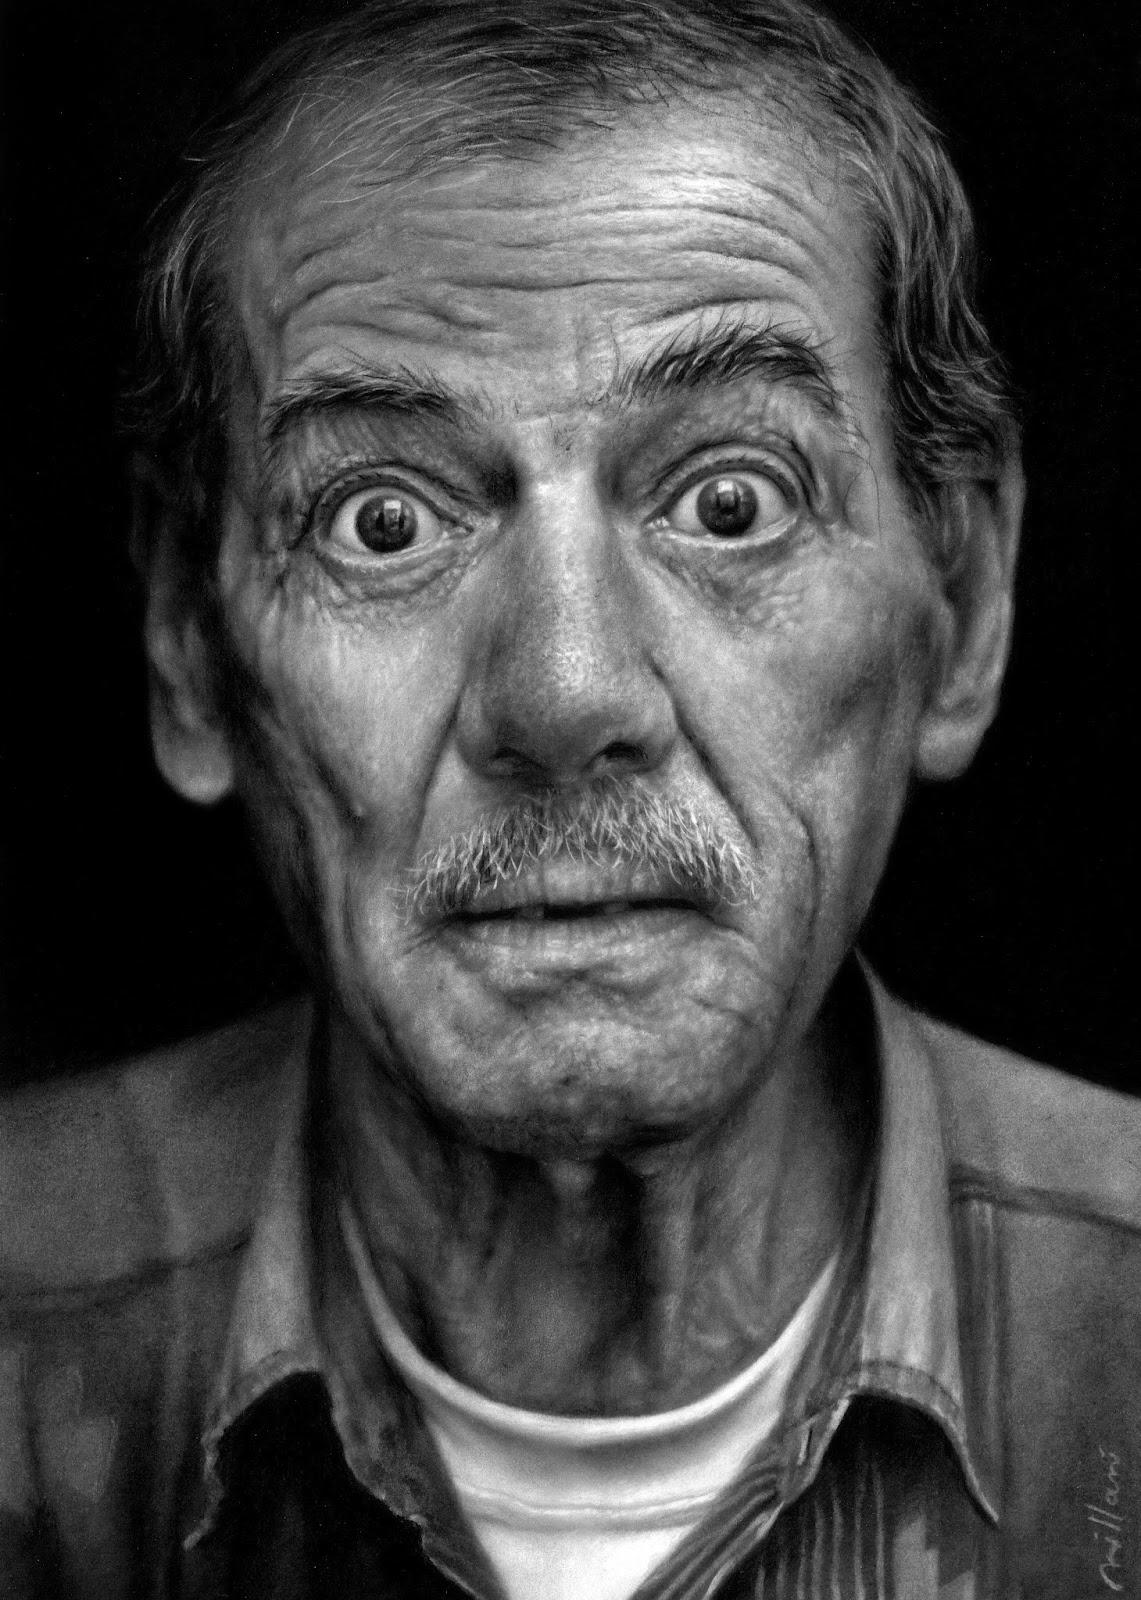 Funny wrinkled old man joke picture